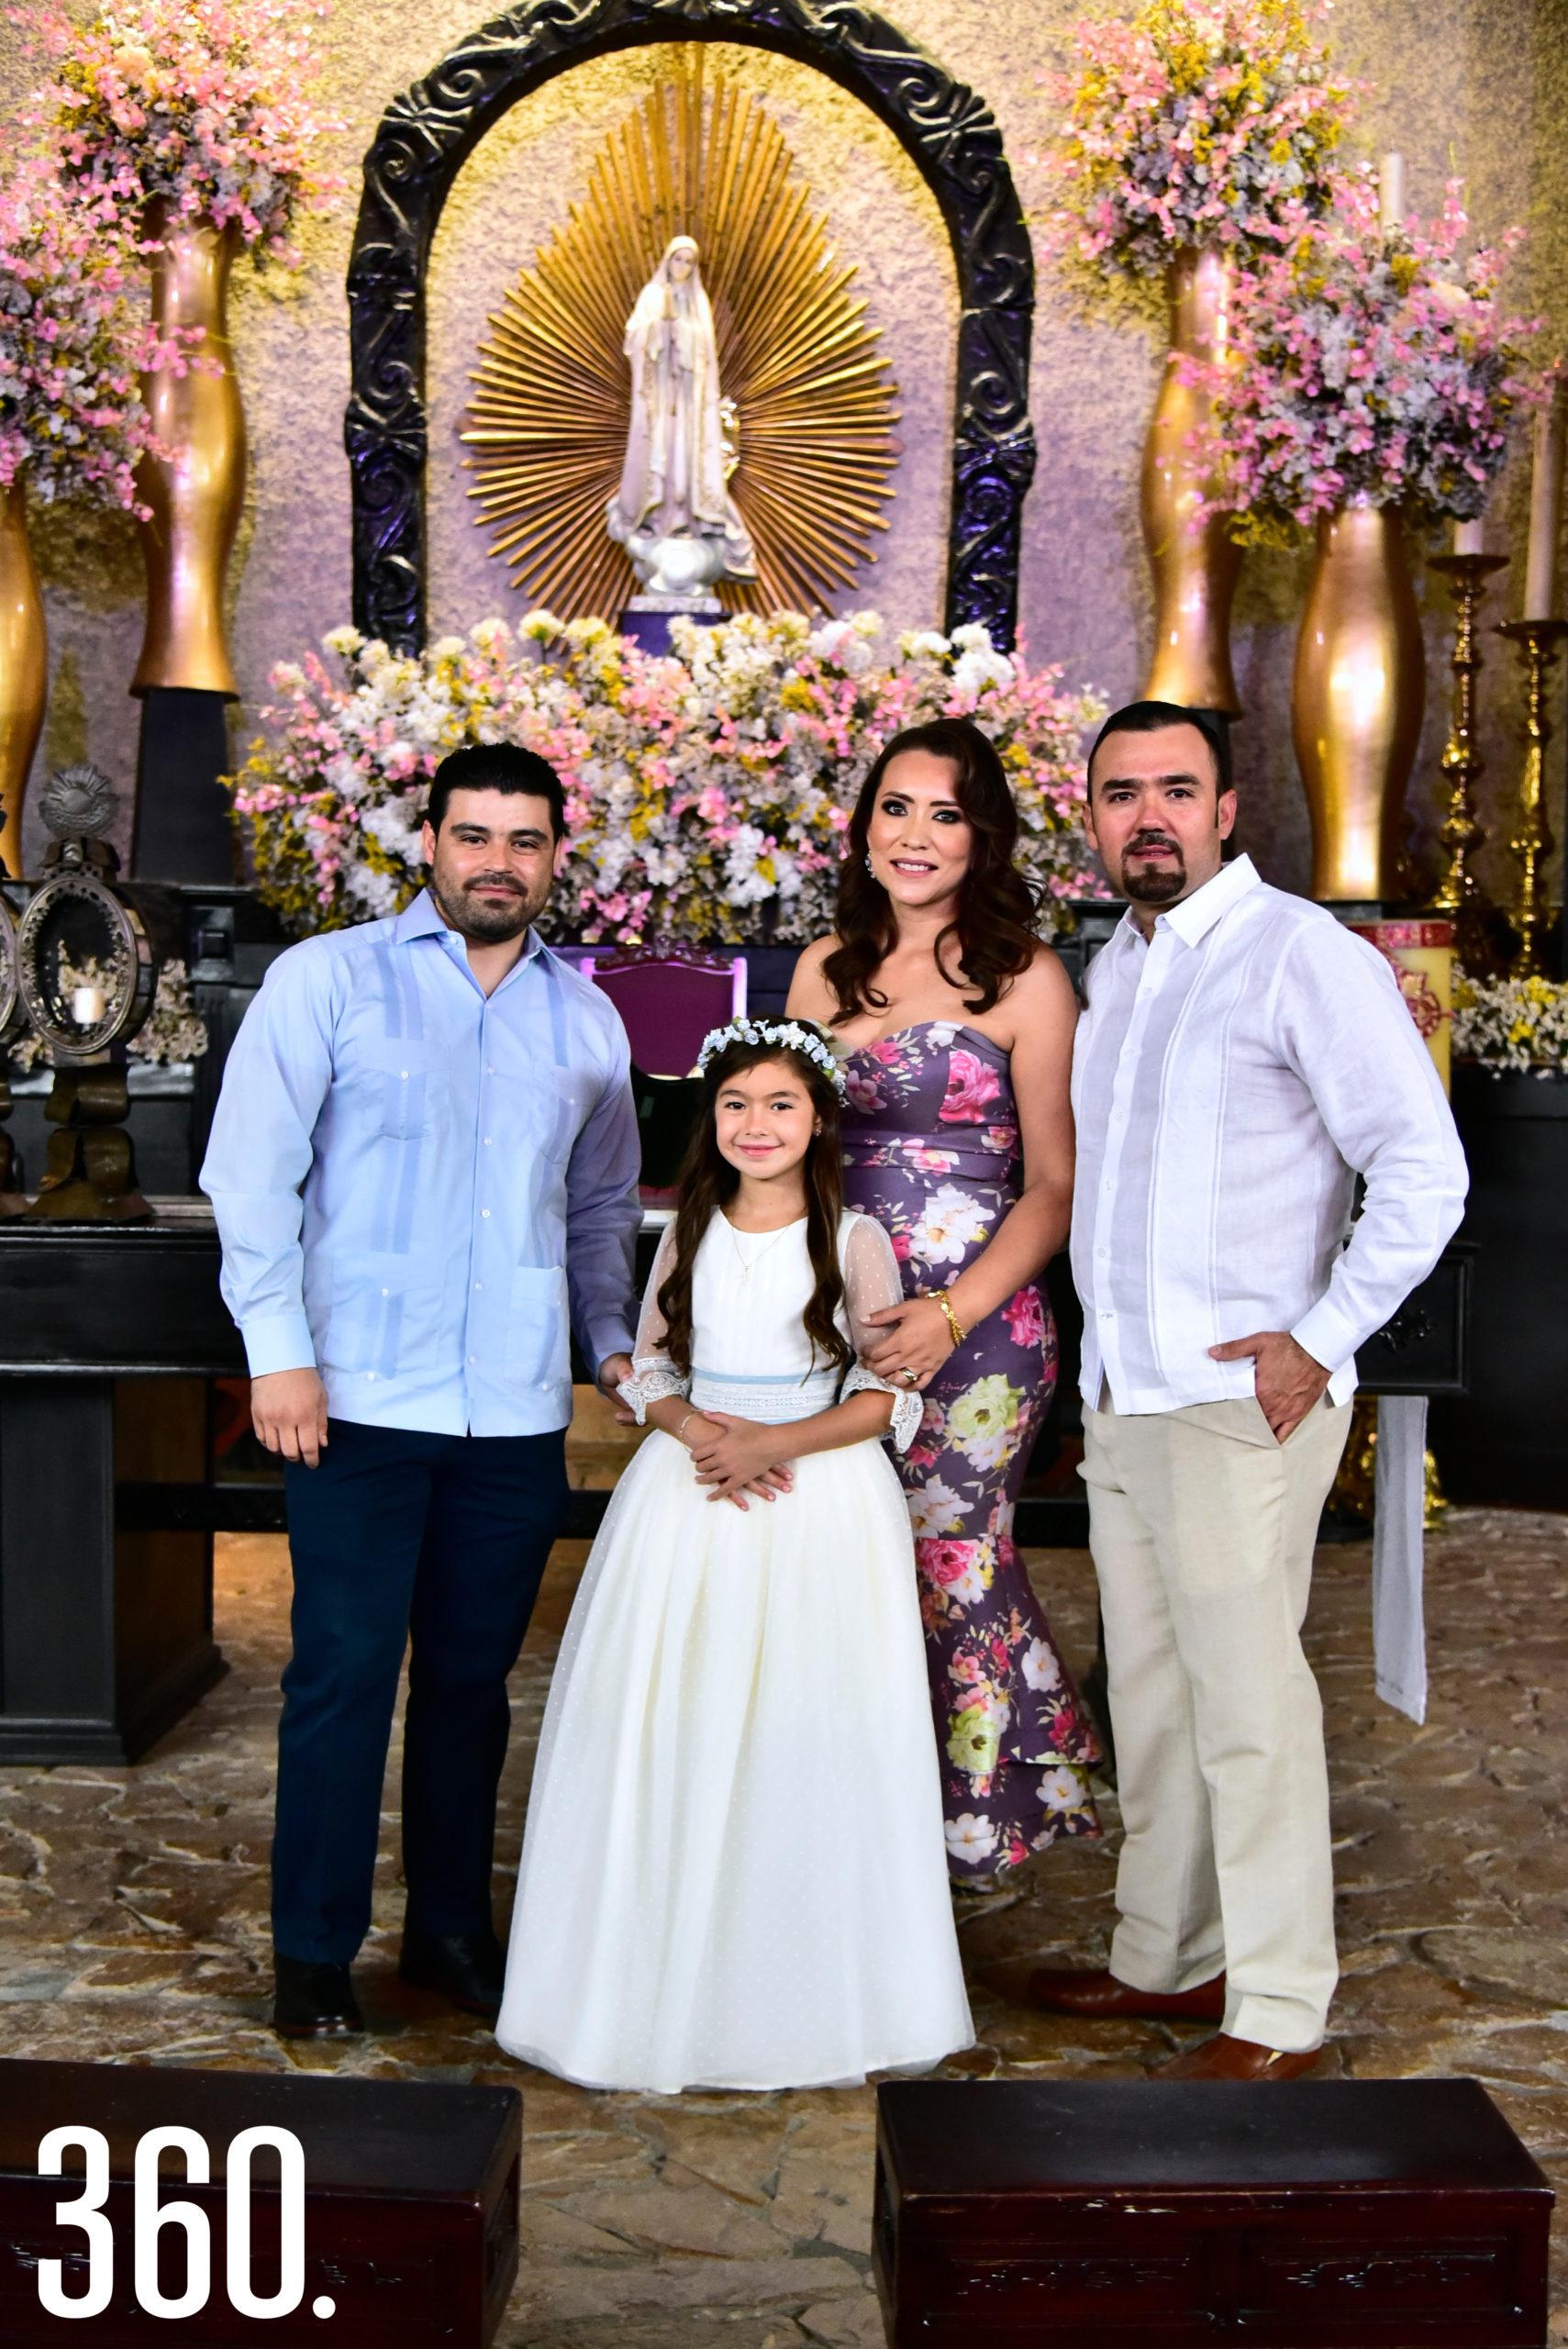 Lizy Martínez Flores con sus padrinos: Carlos Martínez Alvarado, Ingrid Ramos Aguilar y Raúl González Cárdenas.